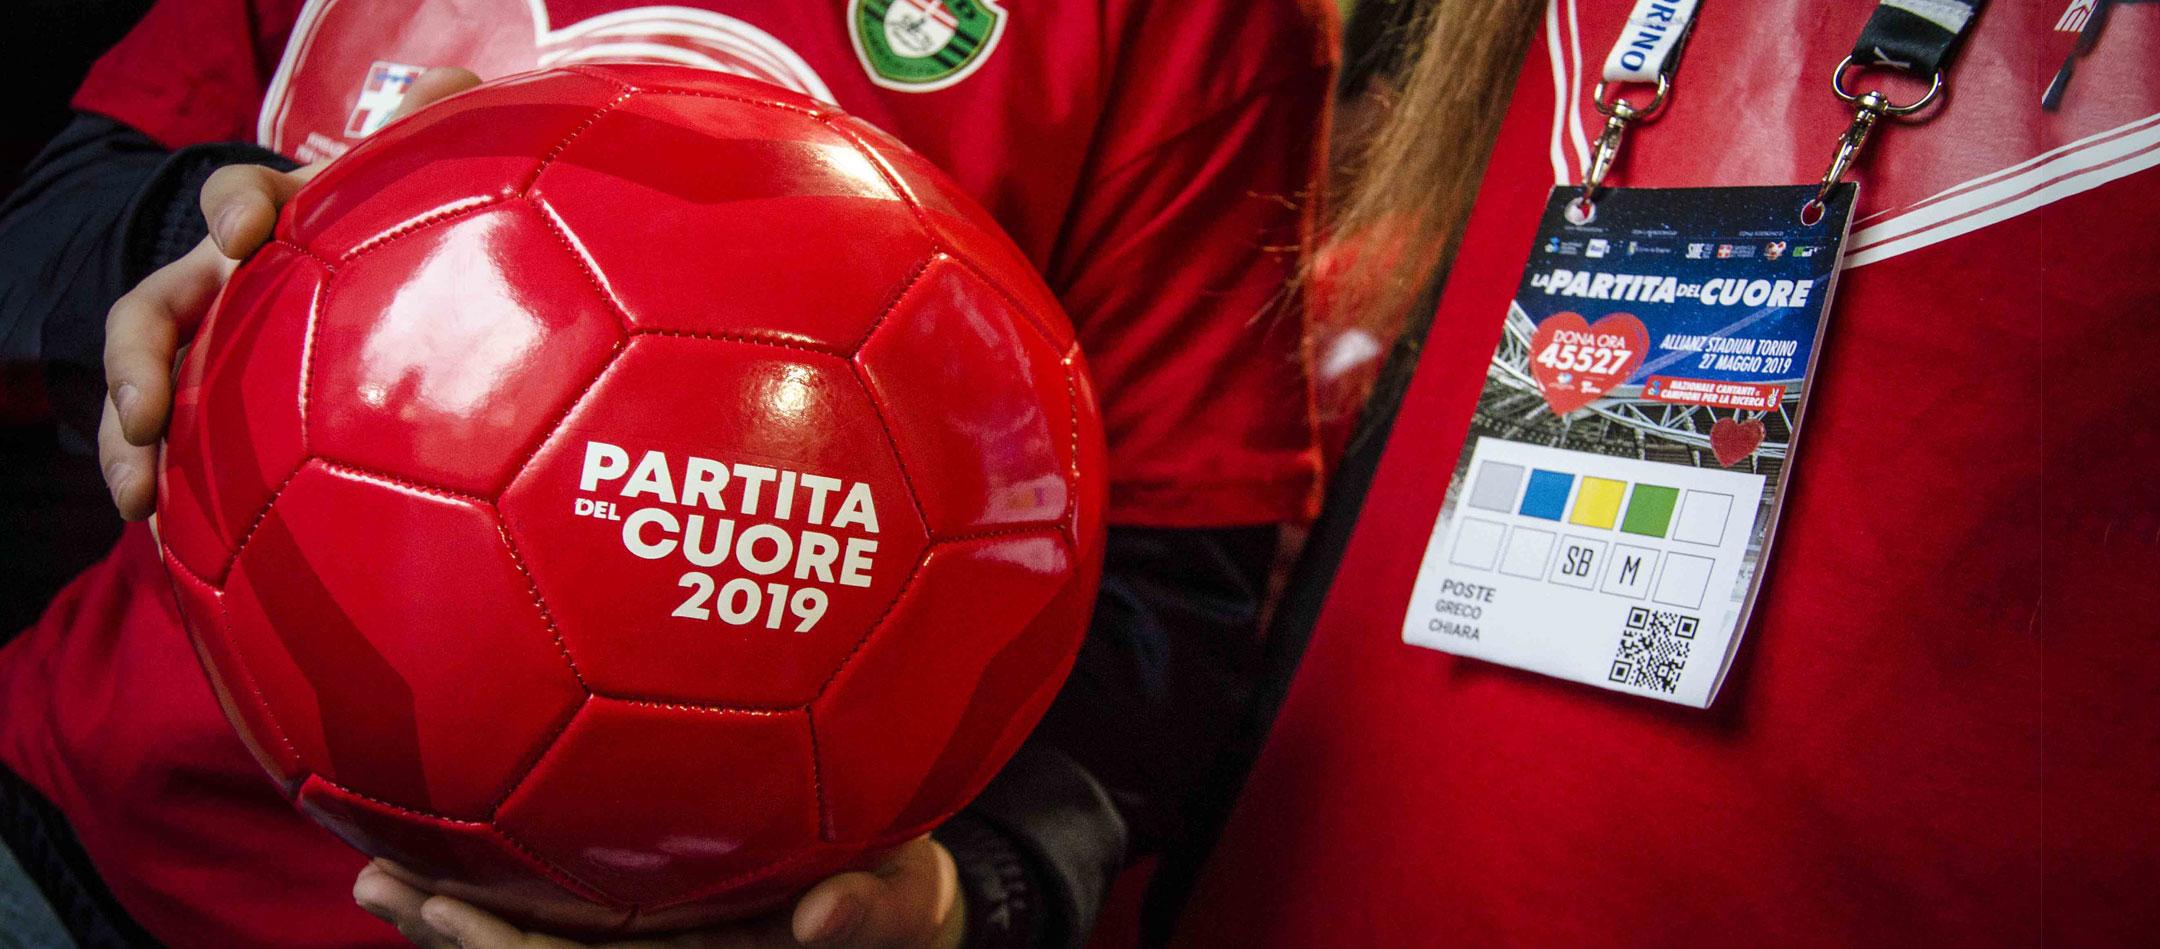 Partita del cuore 2019 a Torino con Cristiano Ronaldo